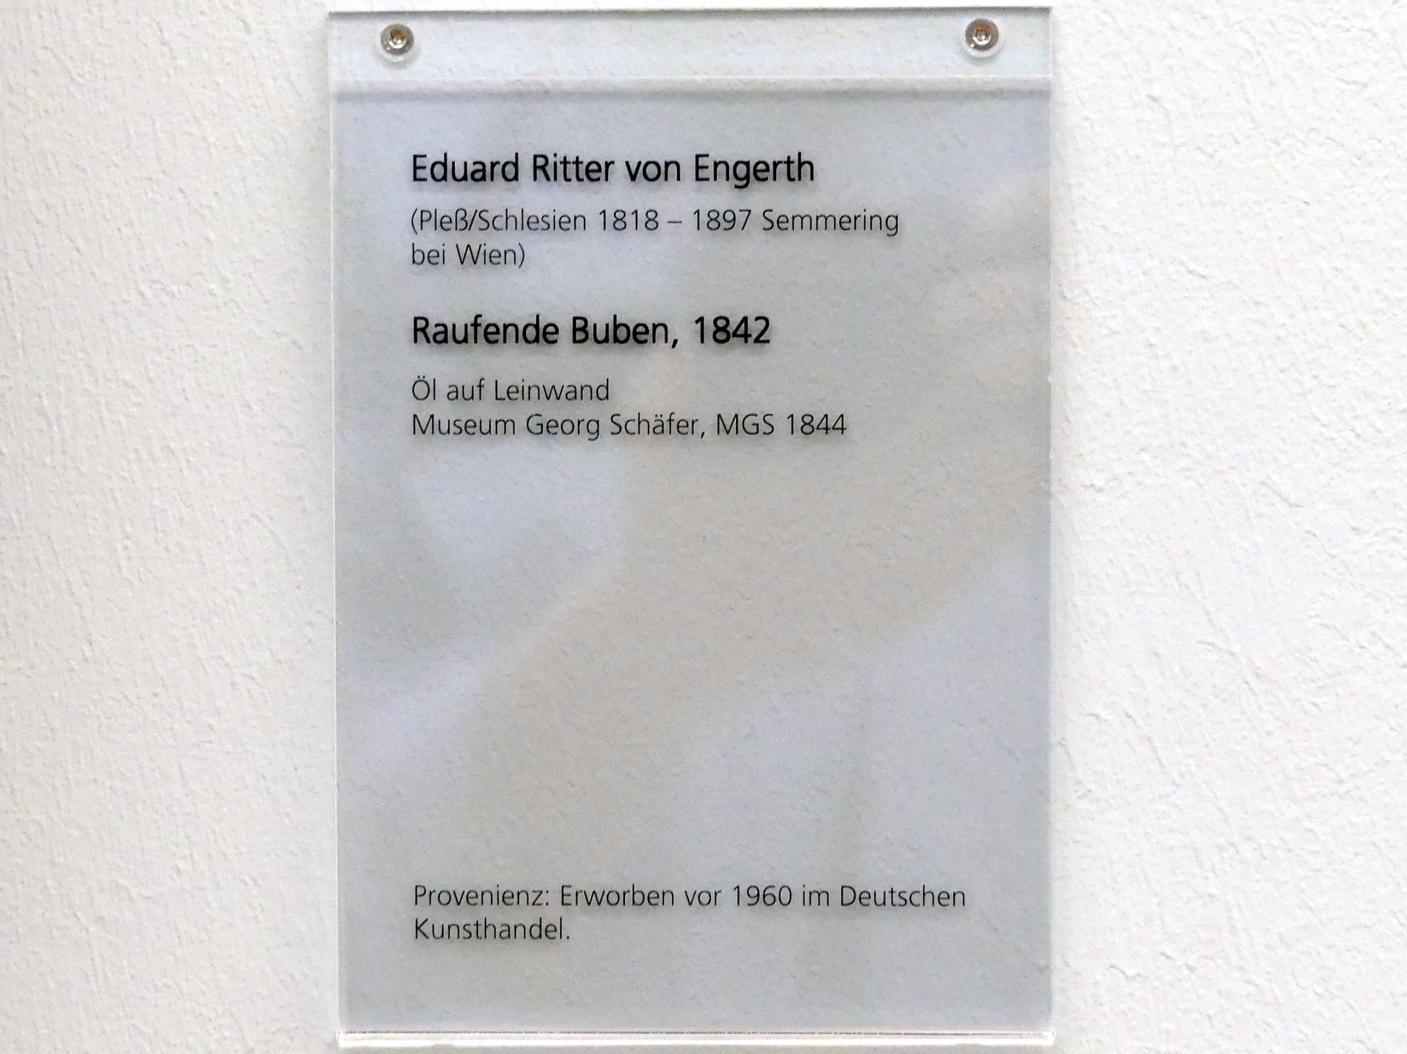 Eduard Ritter von Engerth: Raufende Buben, 1842, Bild 2/2